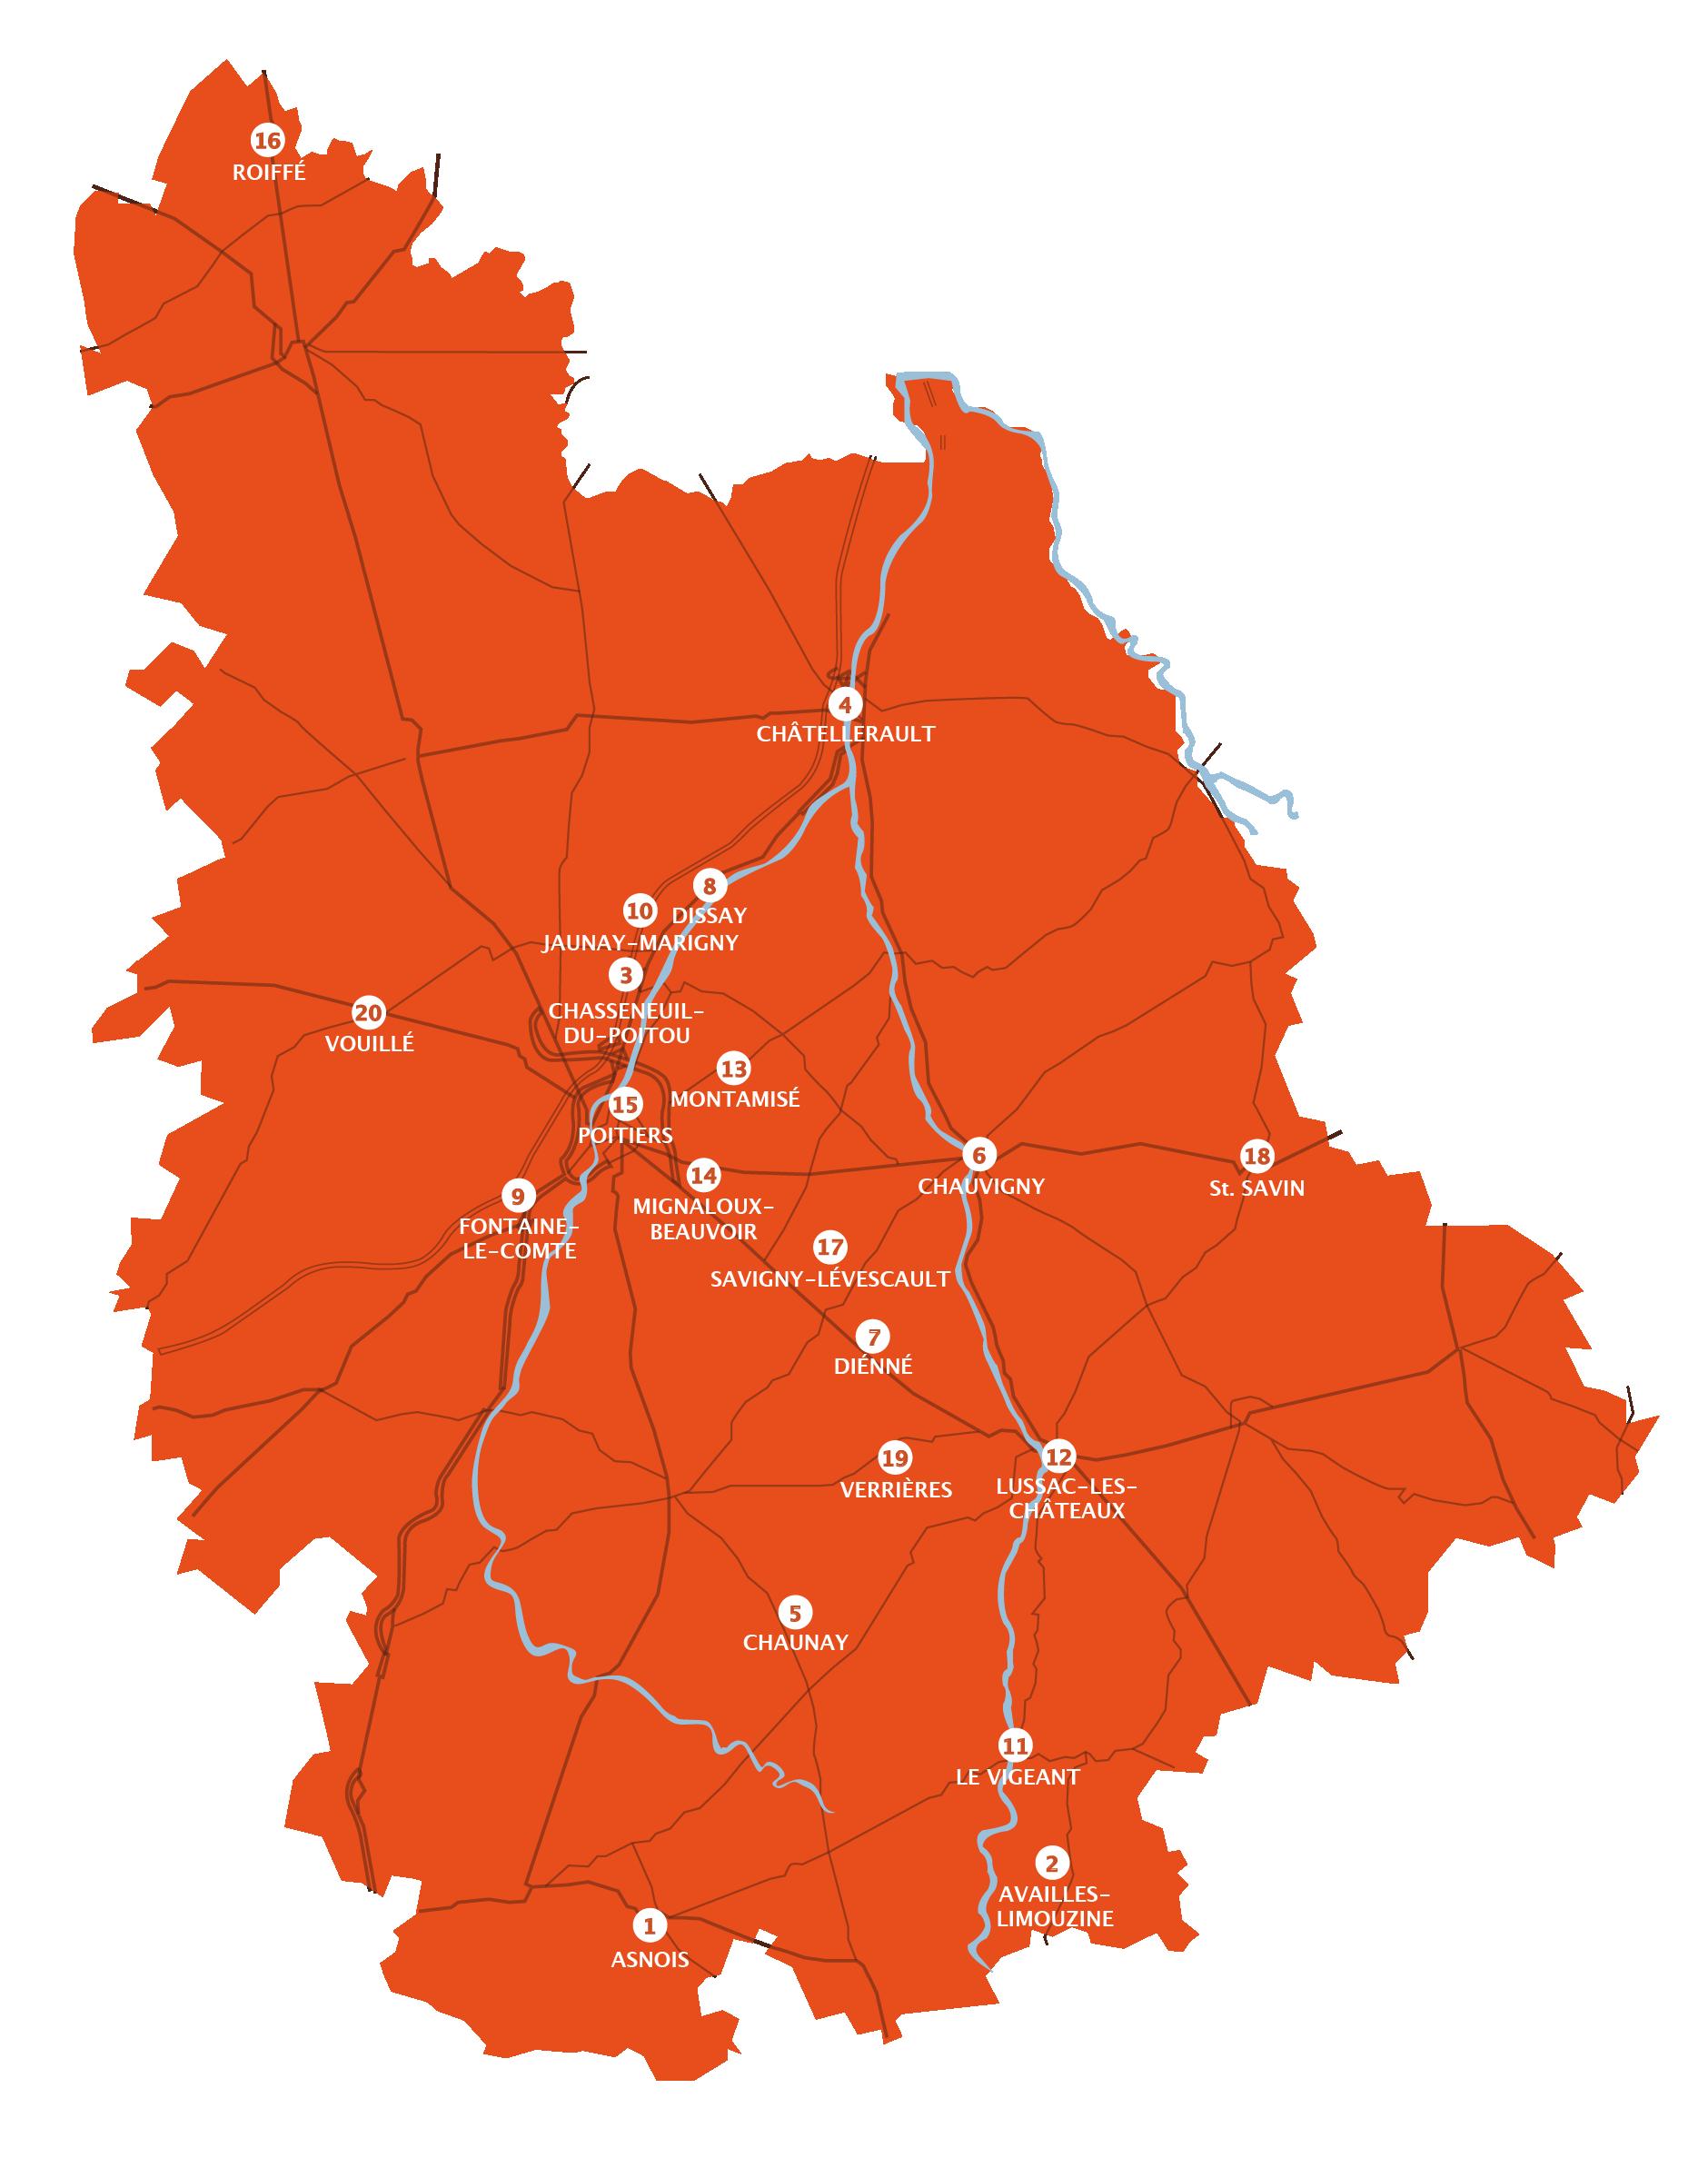 carte des lieux accueillants les concerts du festival Musik en suites